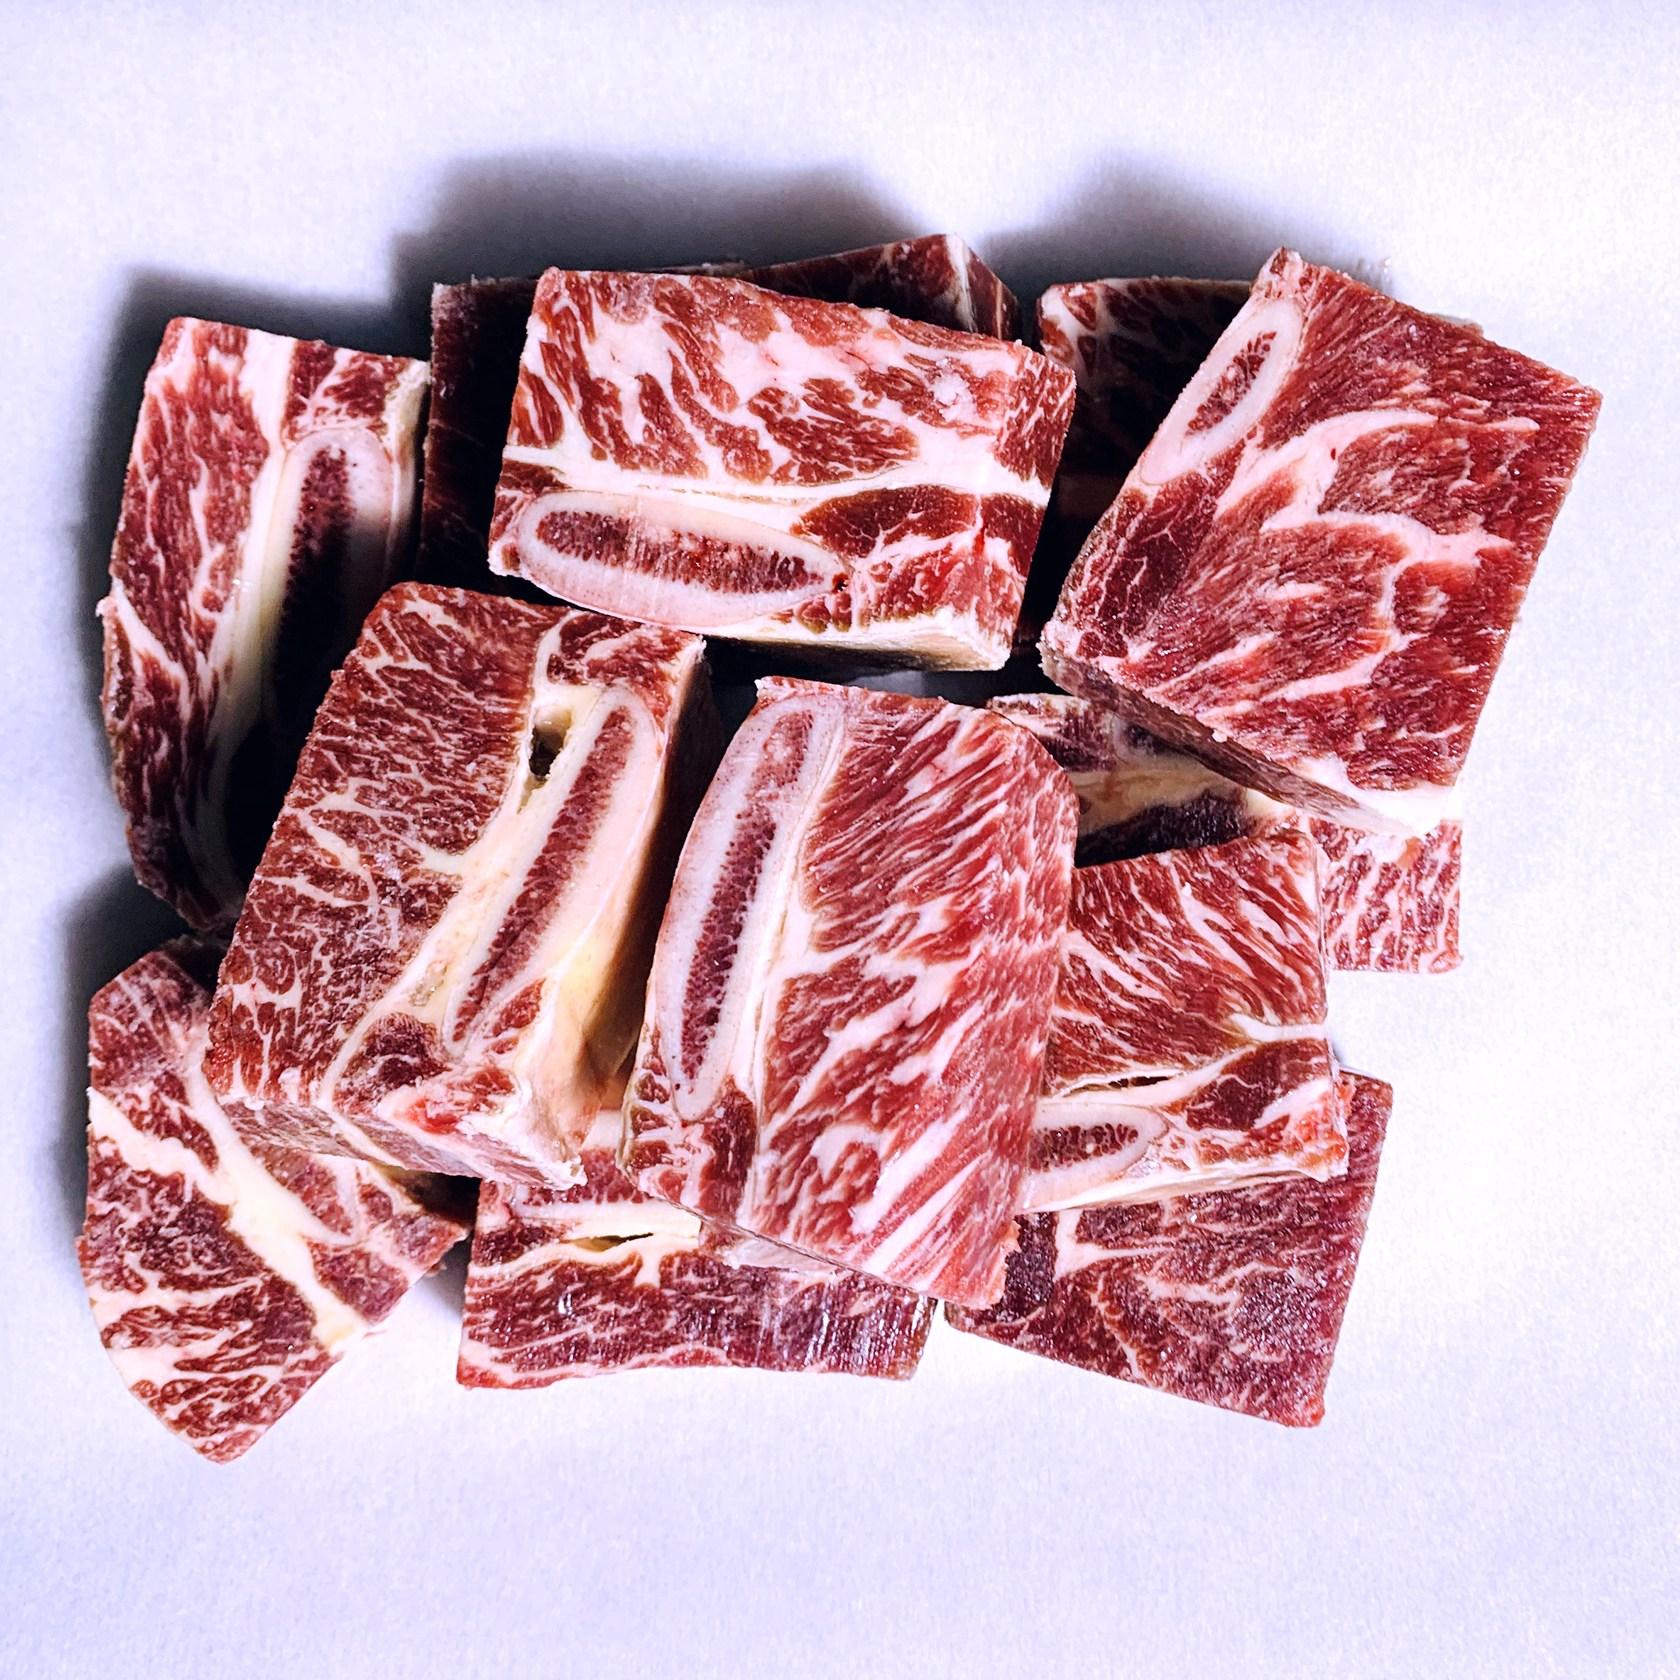 [고기선생] 지방 완벽제거 소갈비 찜갈비 호주산 뉴질랜드산, 1개, 호주산 1kg